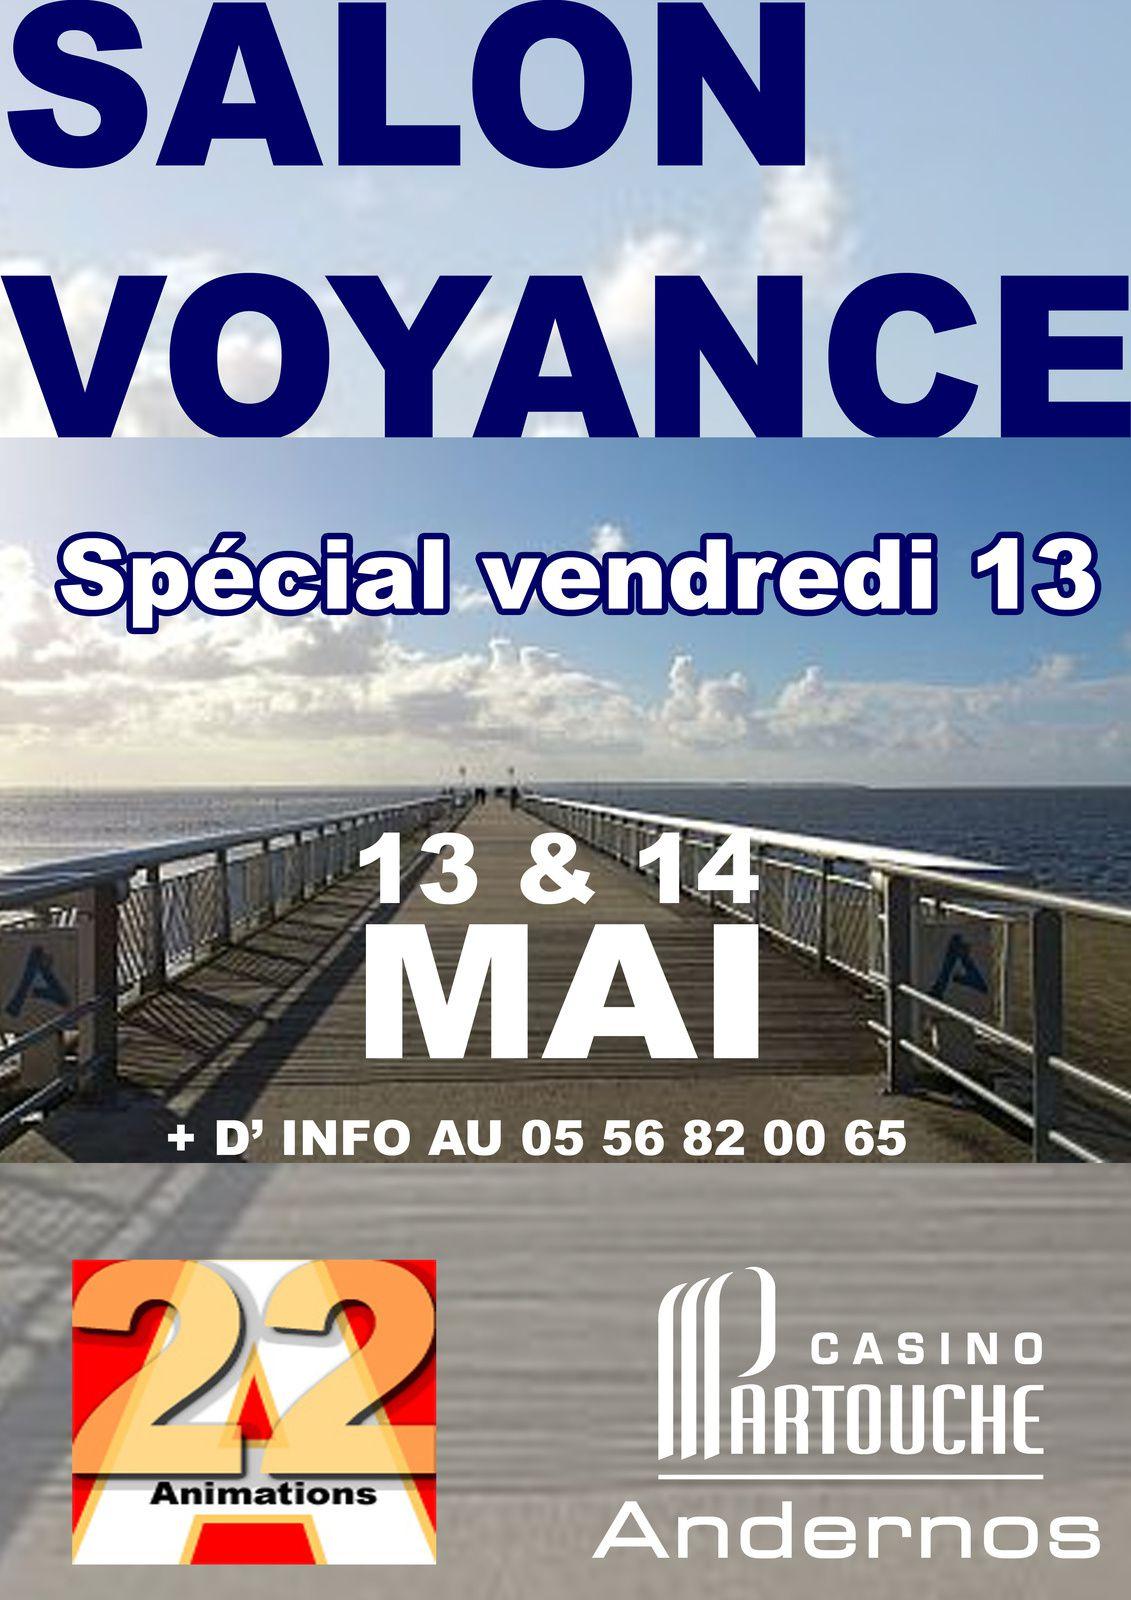 Salon voyance sp cial vendredi 13 voyance premiere for Salon de la voyance aix les bains